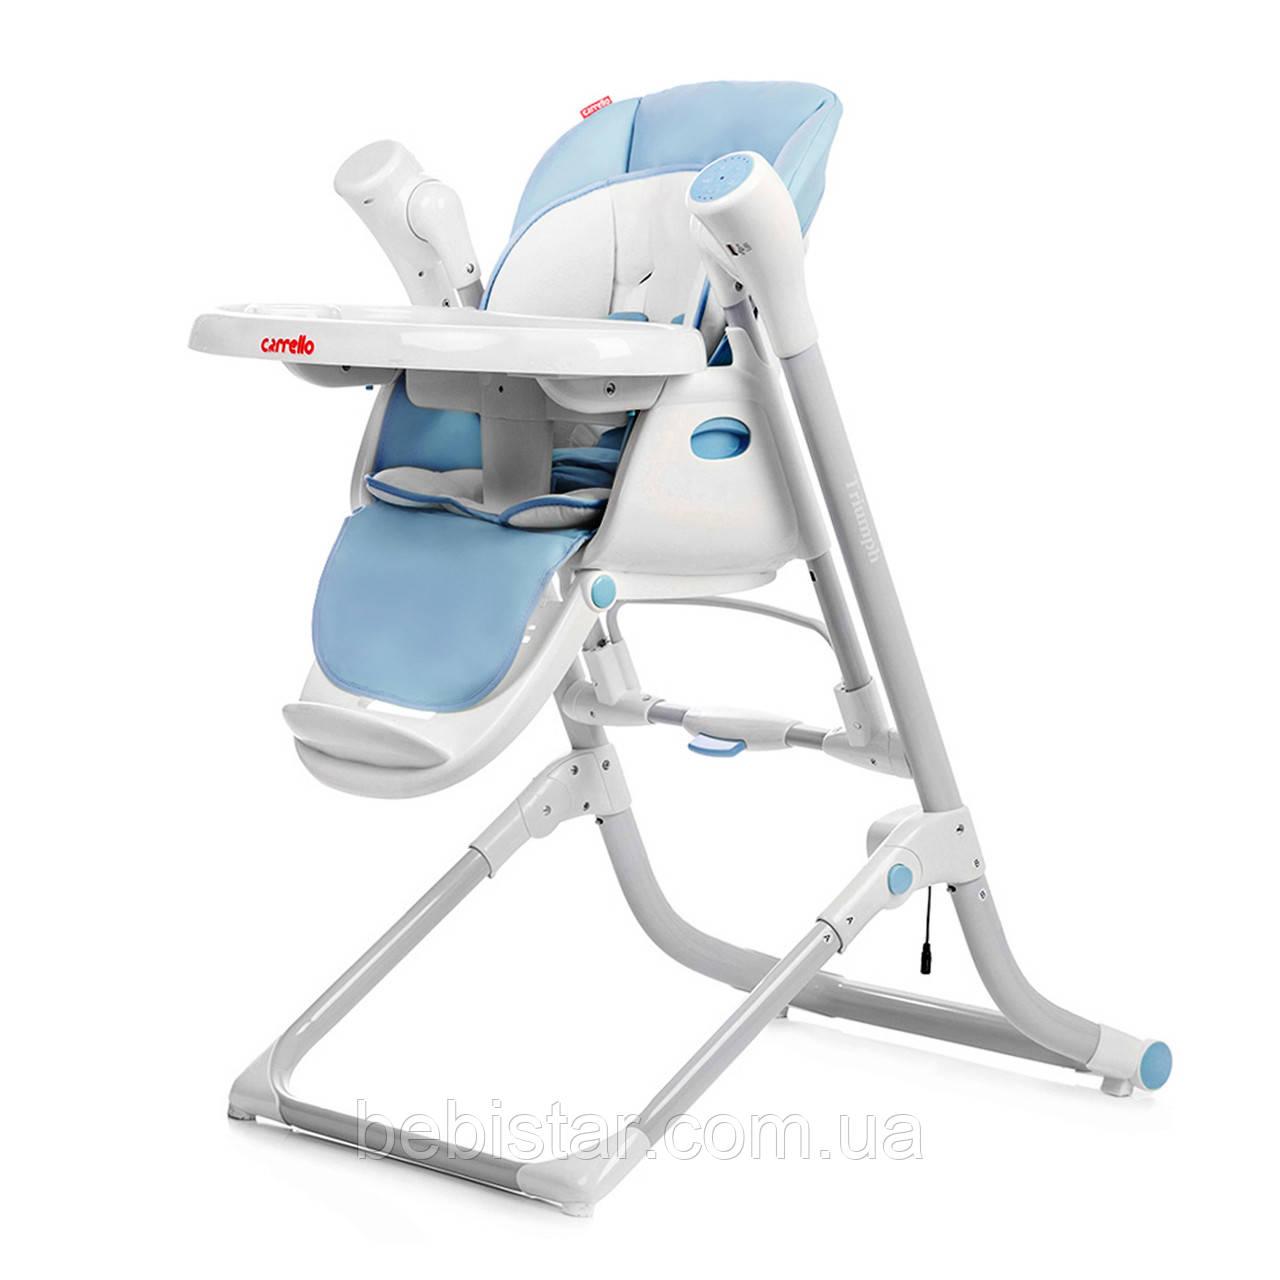 Стільчик для годування синій живлення від мережі і батарейок CARRELLO Triumph 10302/1 діткам від народження до 3 років